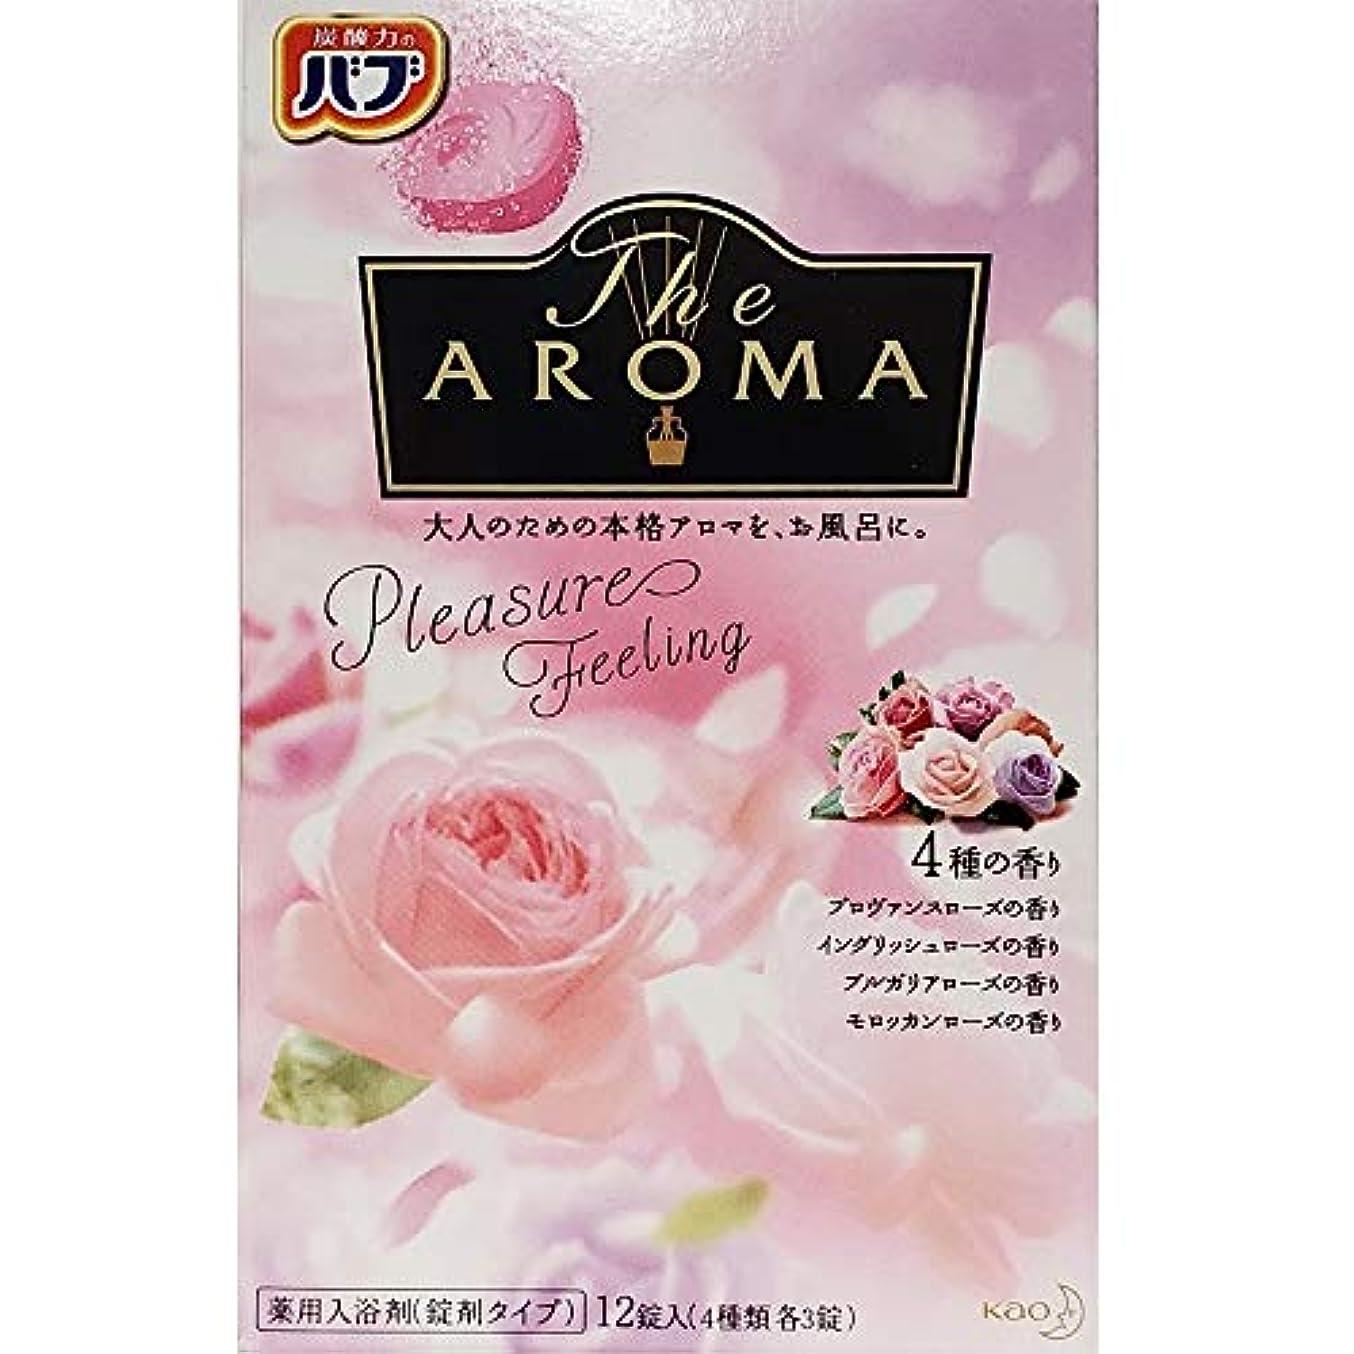 酔って頼む何十人もバブ The Aroma Pleasure Feeling 40g×12錠(4種類 各3錠) 医薬部外品